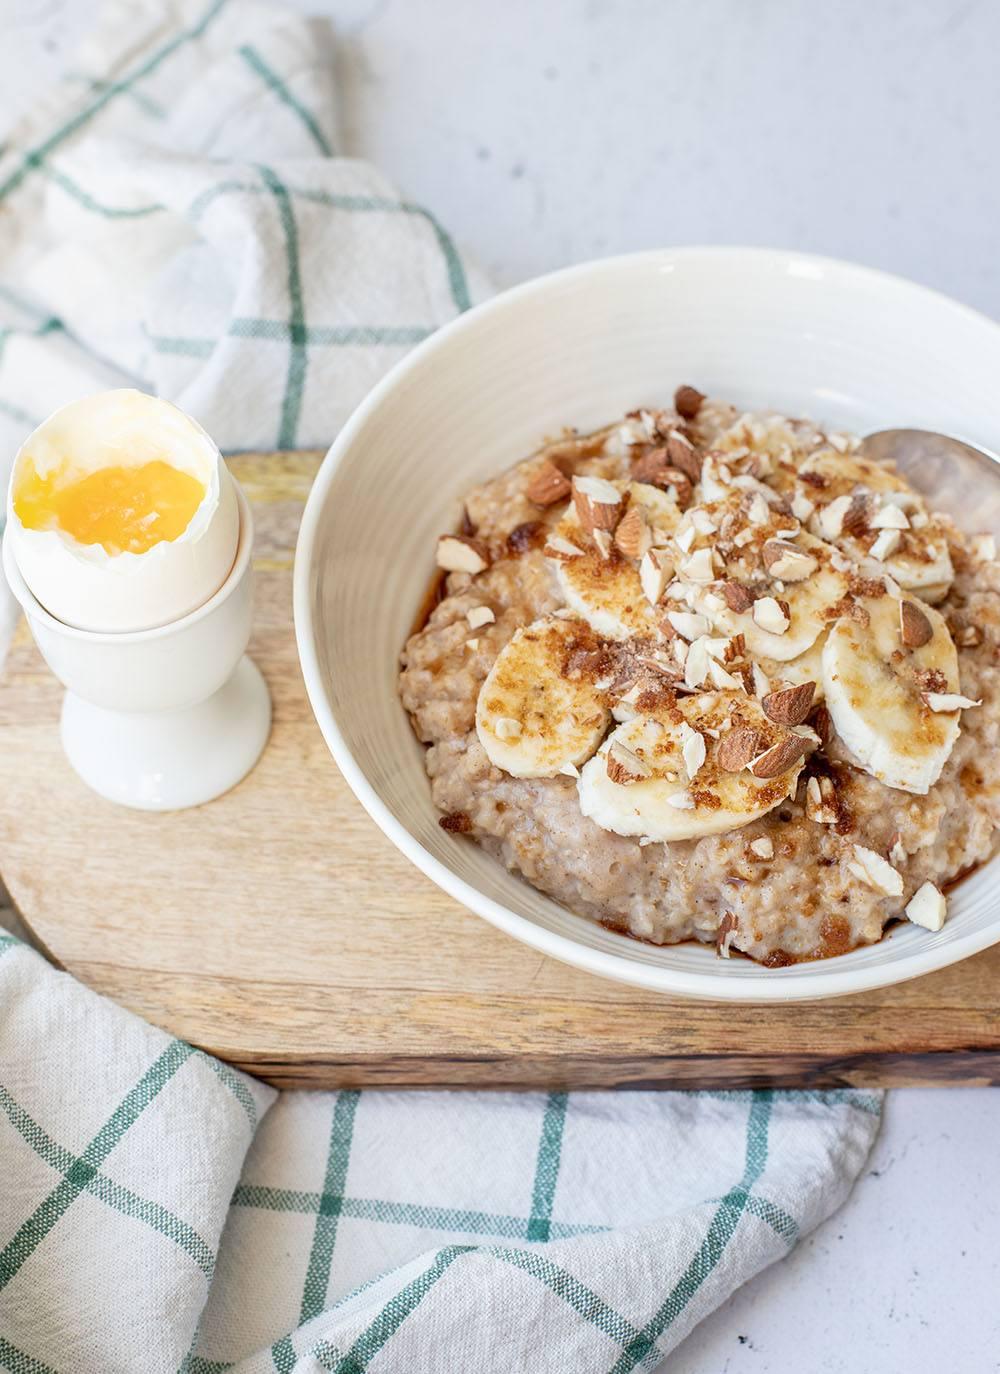 Opskrift på sund havregrød med æg og kanel